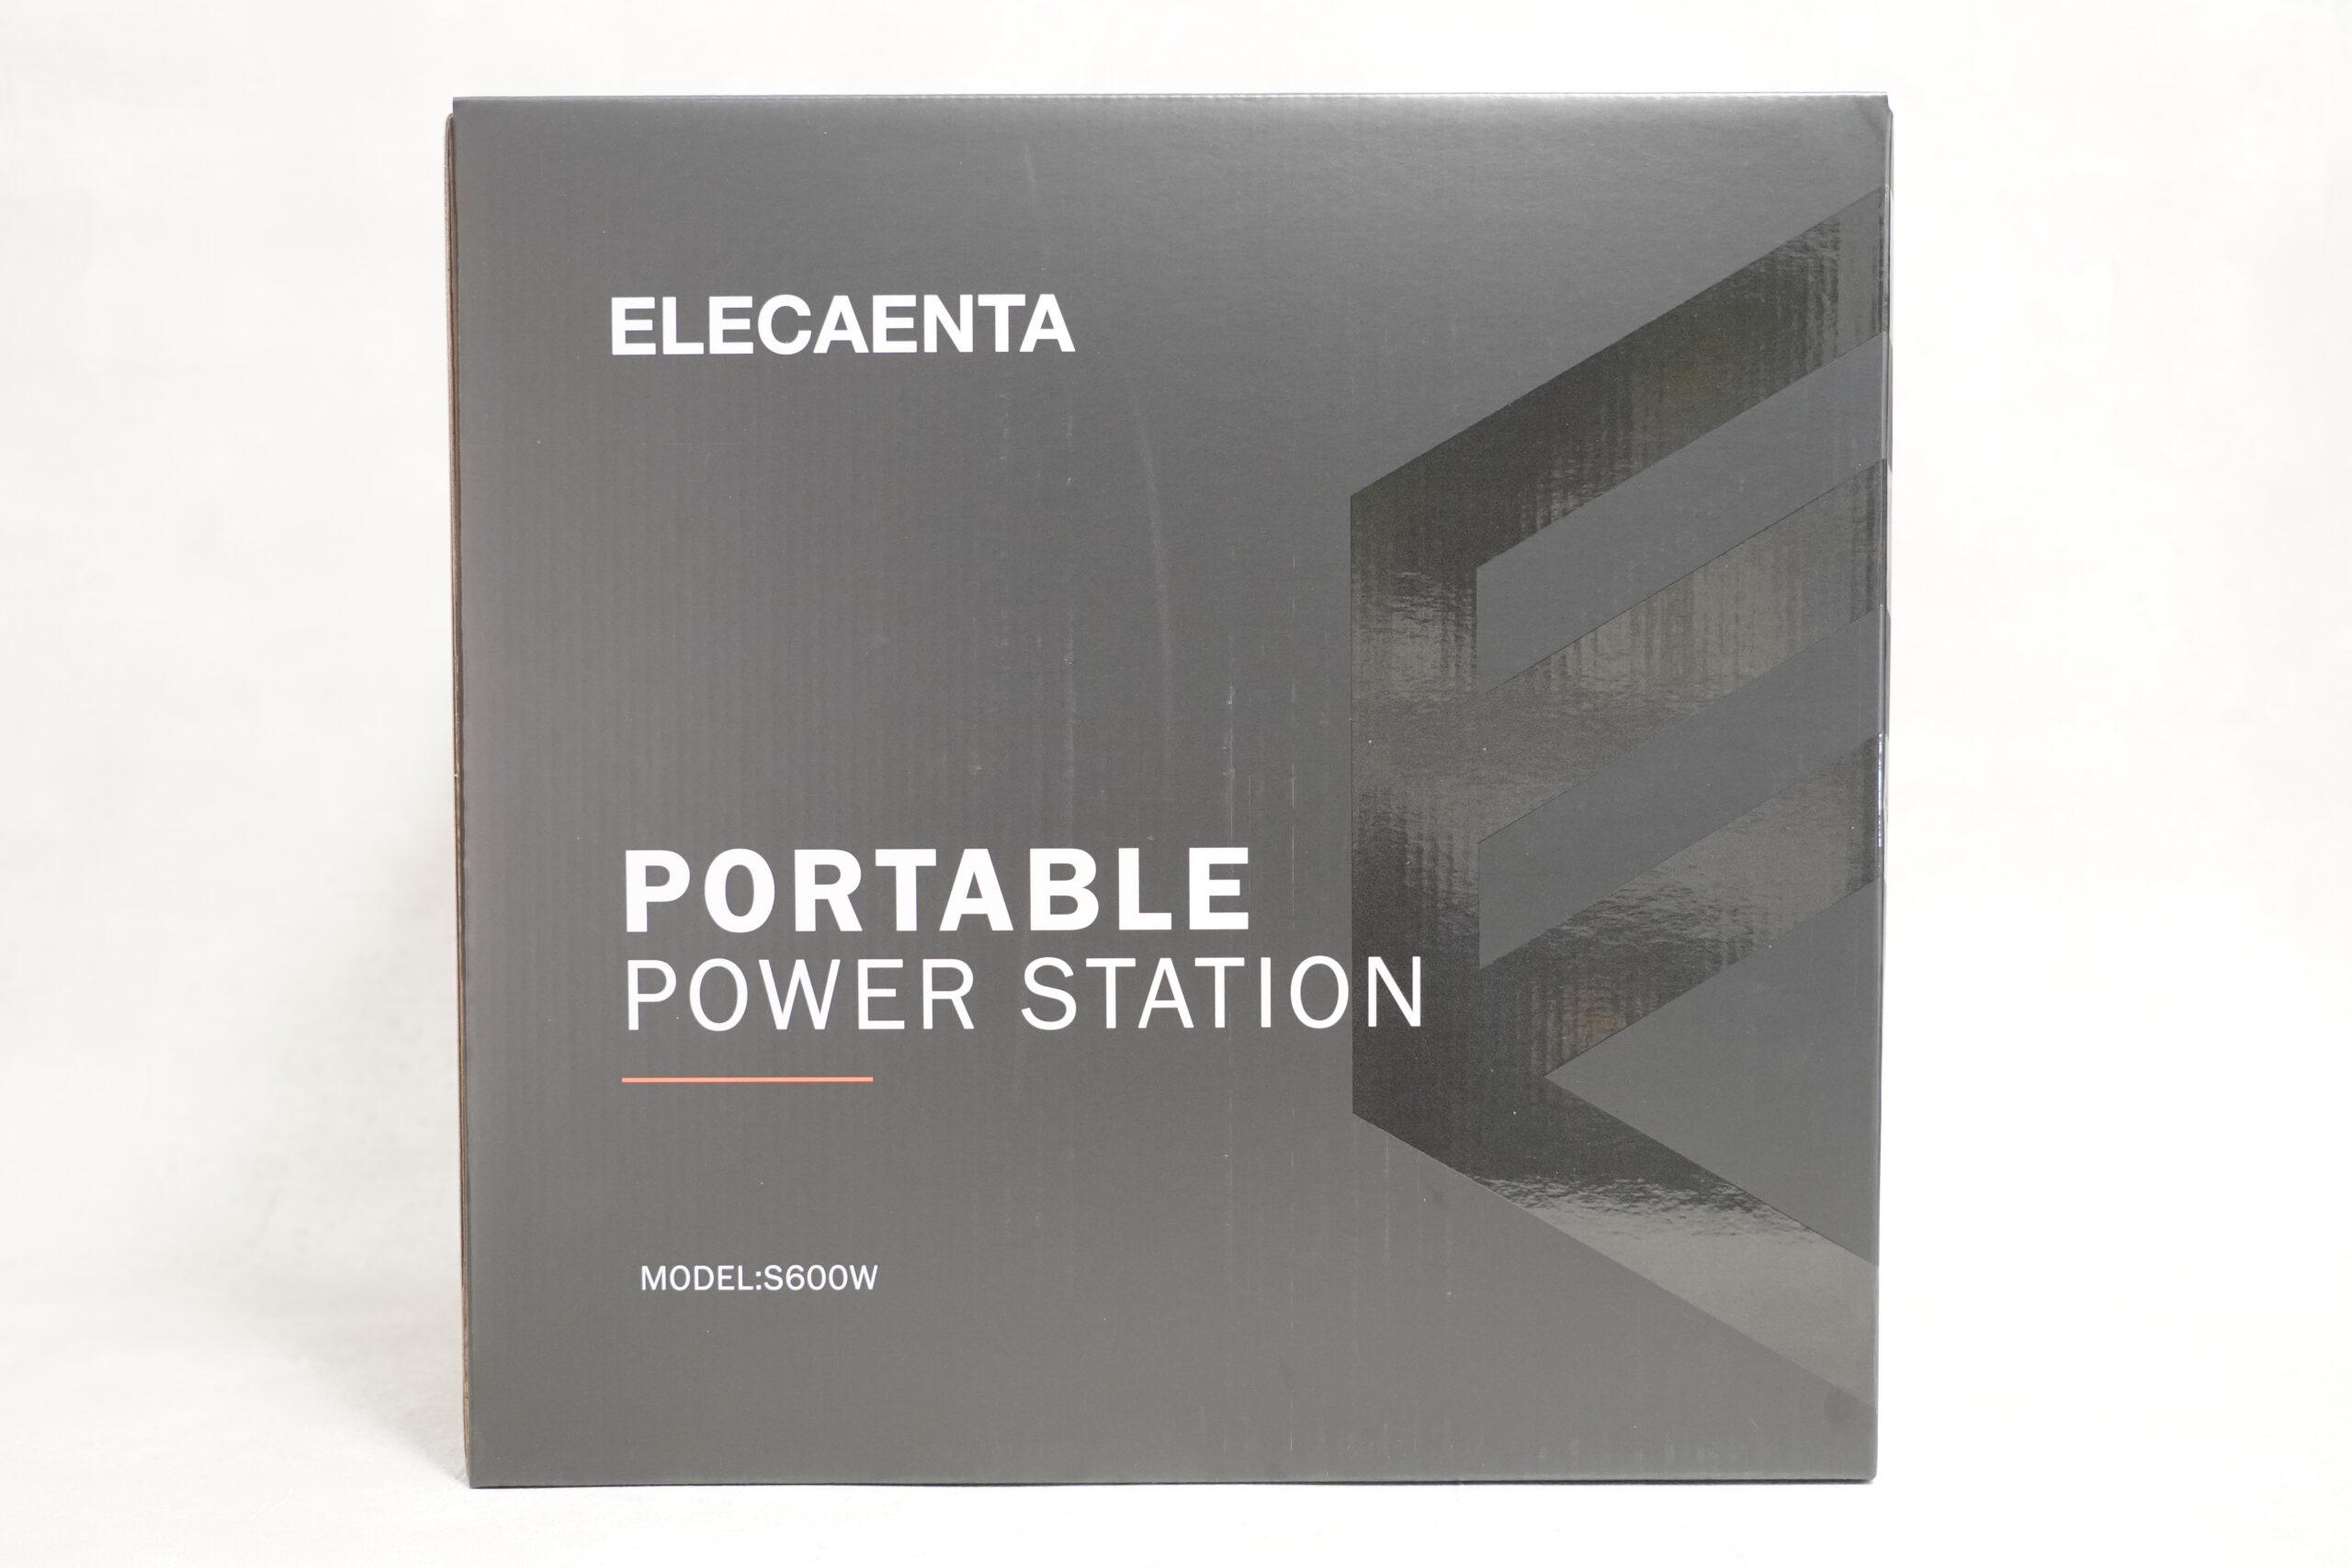 ELECAENTA S600W ポータブル電源 レビュー